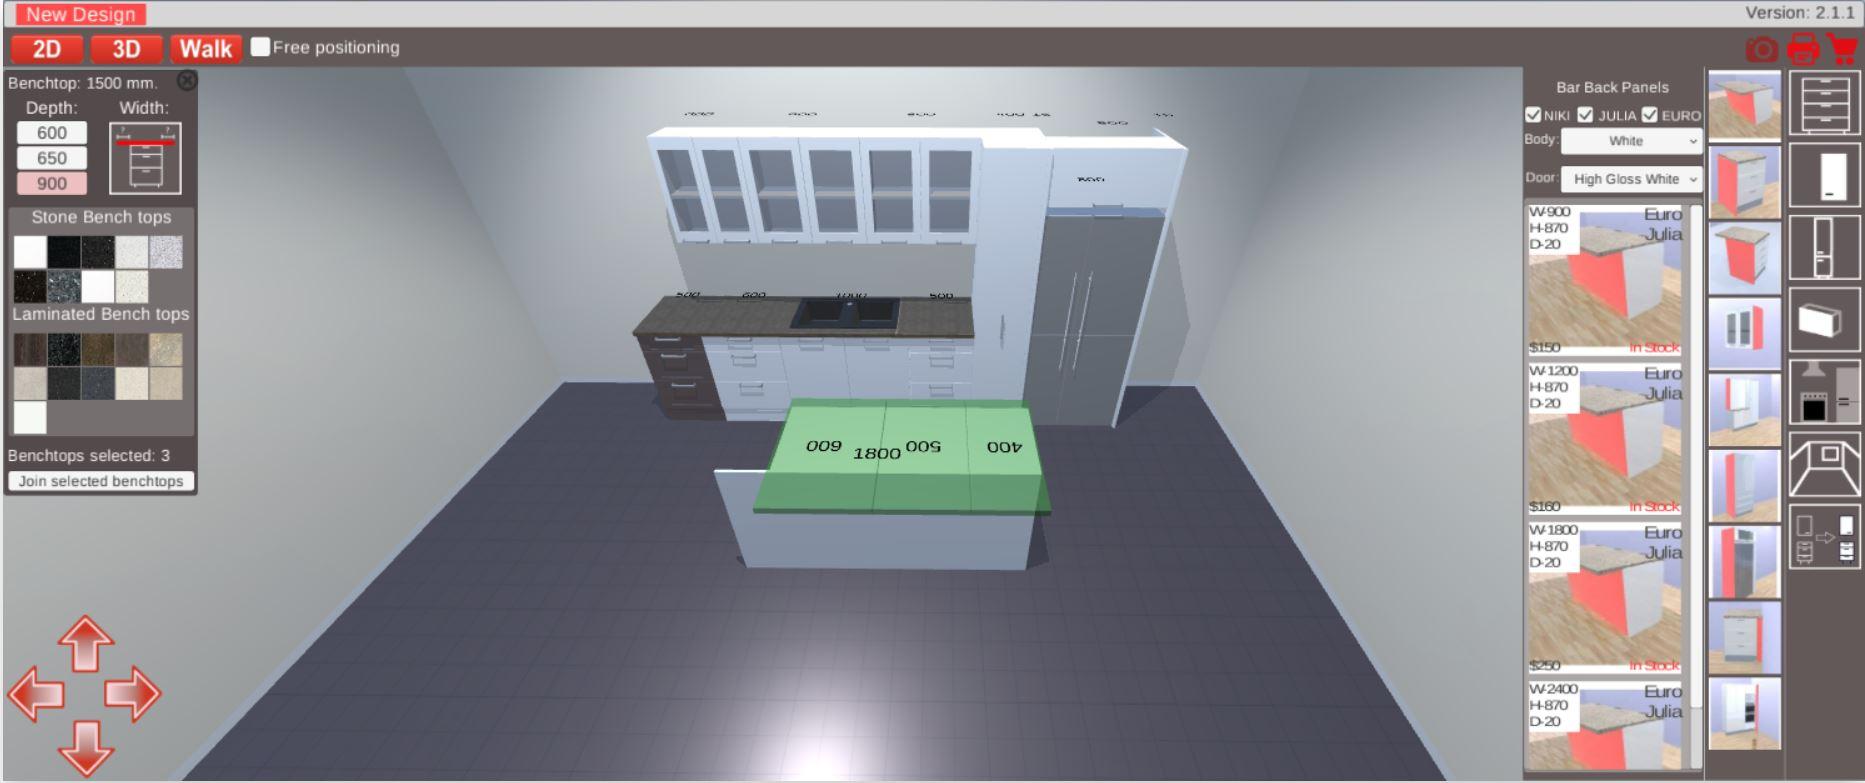 kostenloser 3d planer excellent kostenloser 3d planer with kostenloser 3d planer amazing. Black Bedroom Furniture Sets. Home Design Ideas